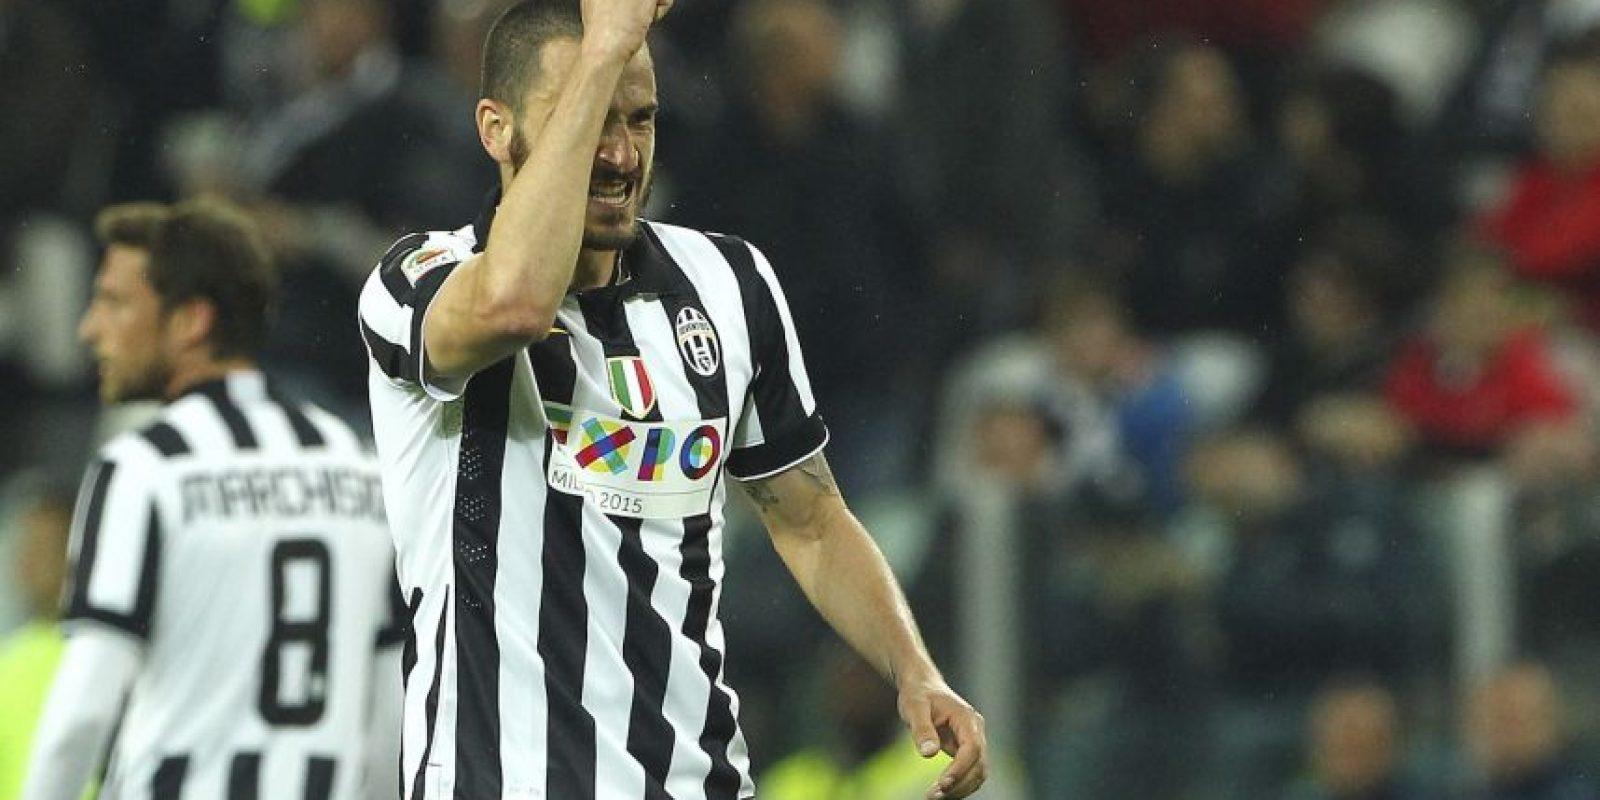 """Fue la pieza clave de la defensa de la """"Juve"""" para aguantar la presión en Mónaco y defender el gol que les dio el pase a semifinales. Foto:Getty Images"""